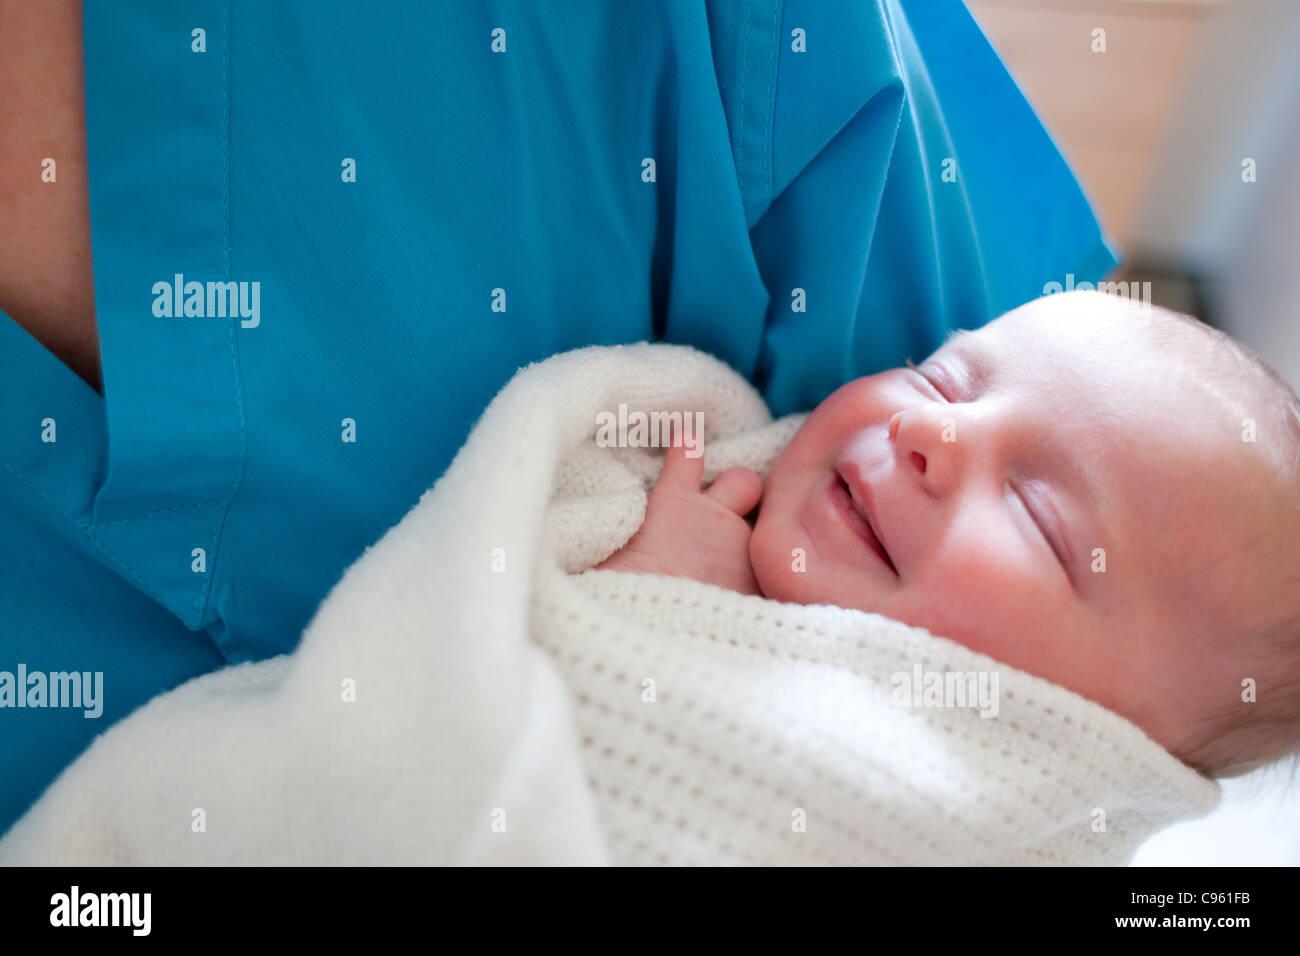 Neugeborenes Baby statt von einer Krankenschwester. Stockbild